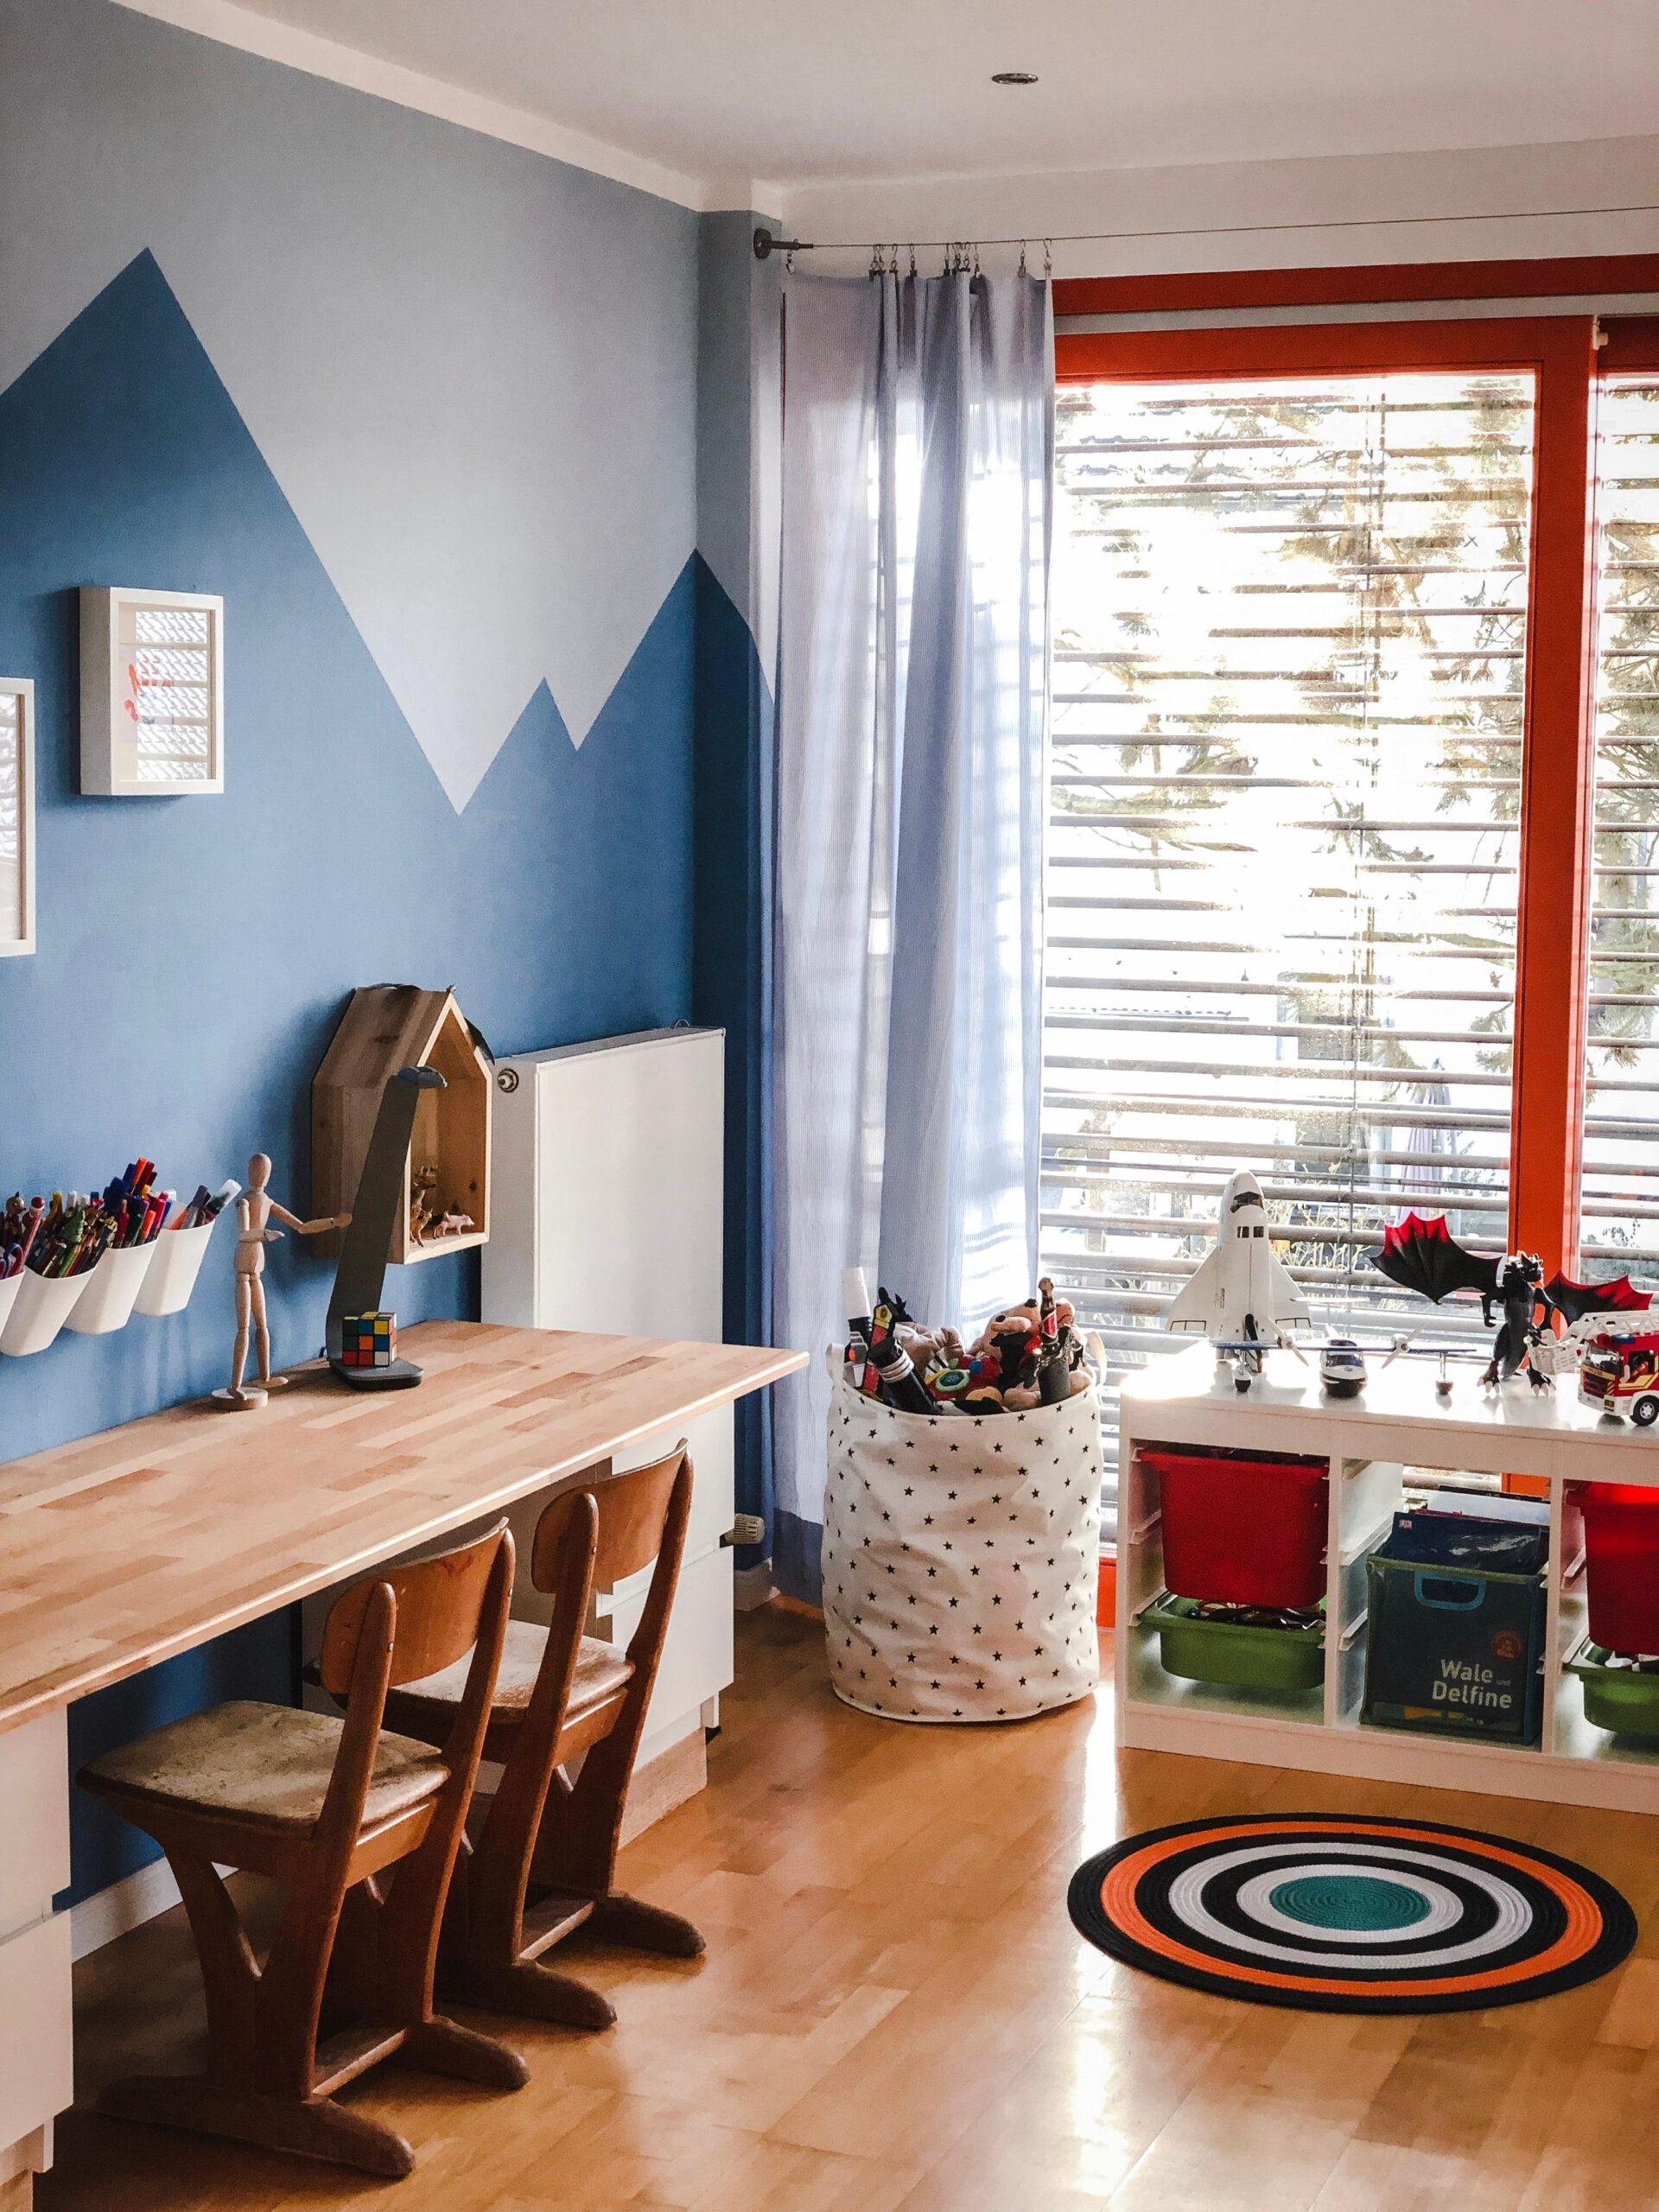 Full Size of Kinderzimmer Jungen 2 Jahre Einrichten Junge 10 Deko Jungs Ikea Baby Pinterest Dekoration Regal Weiß Regale Sofa Kinderzimmer Kinderzimmer Jungs